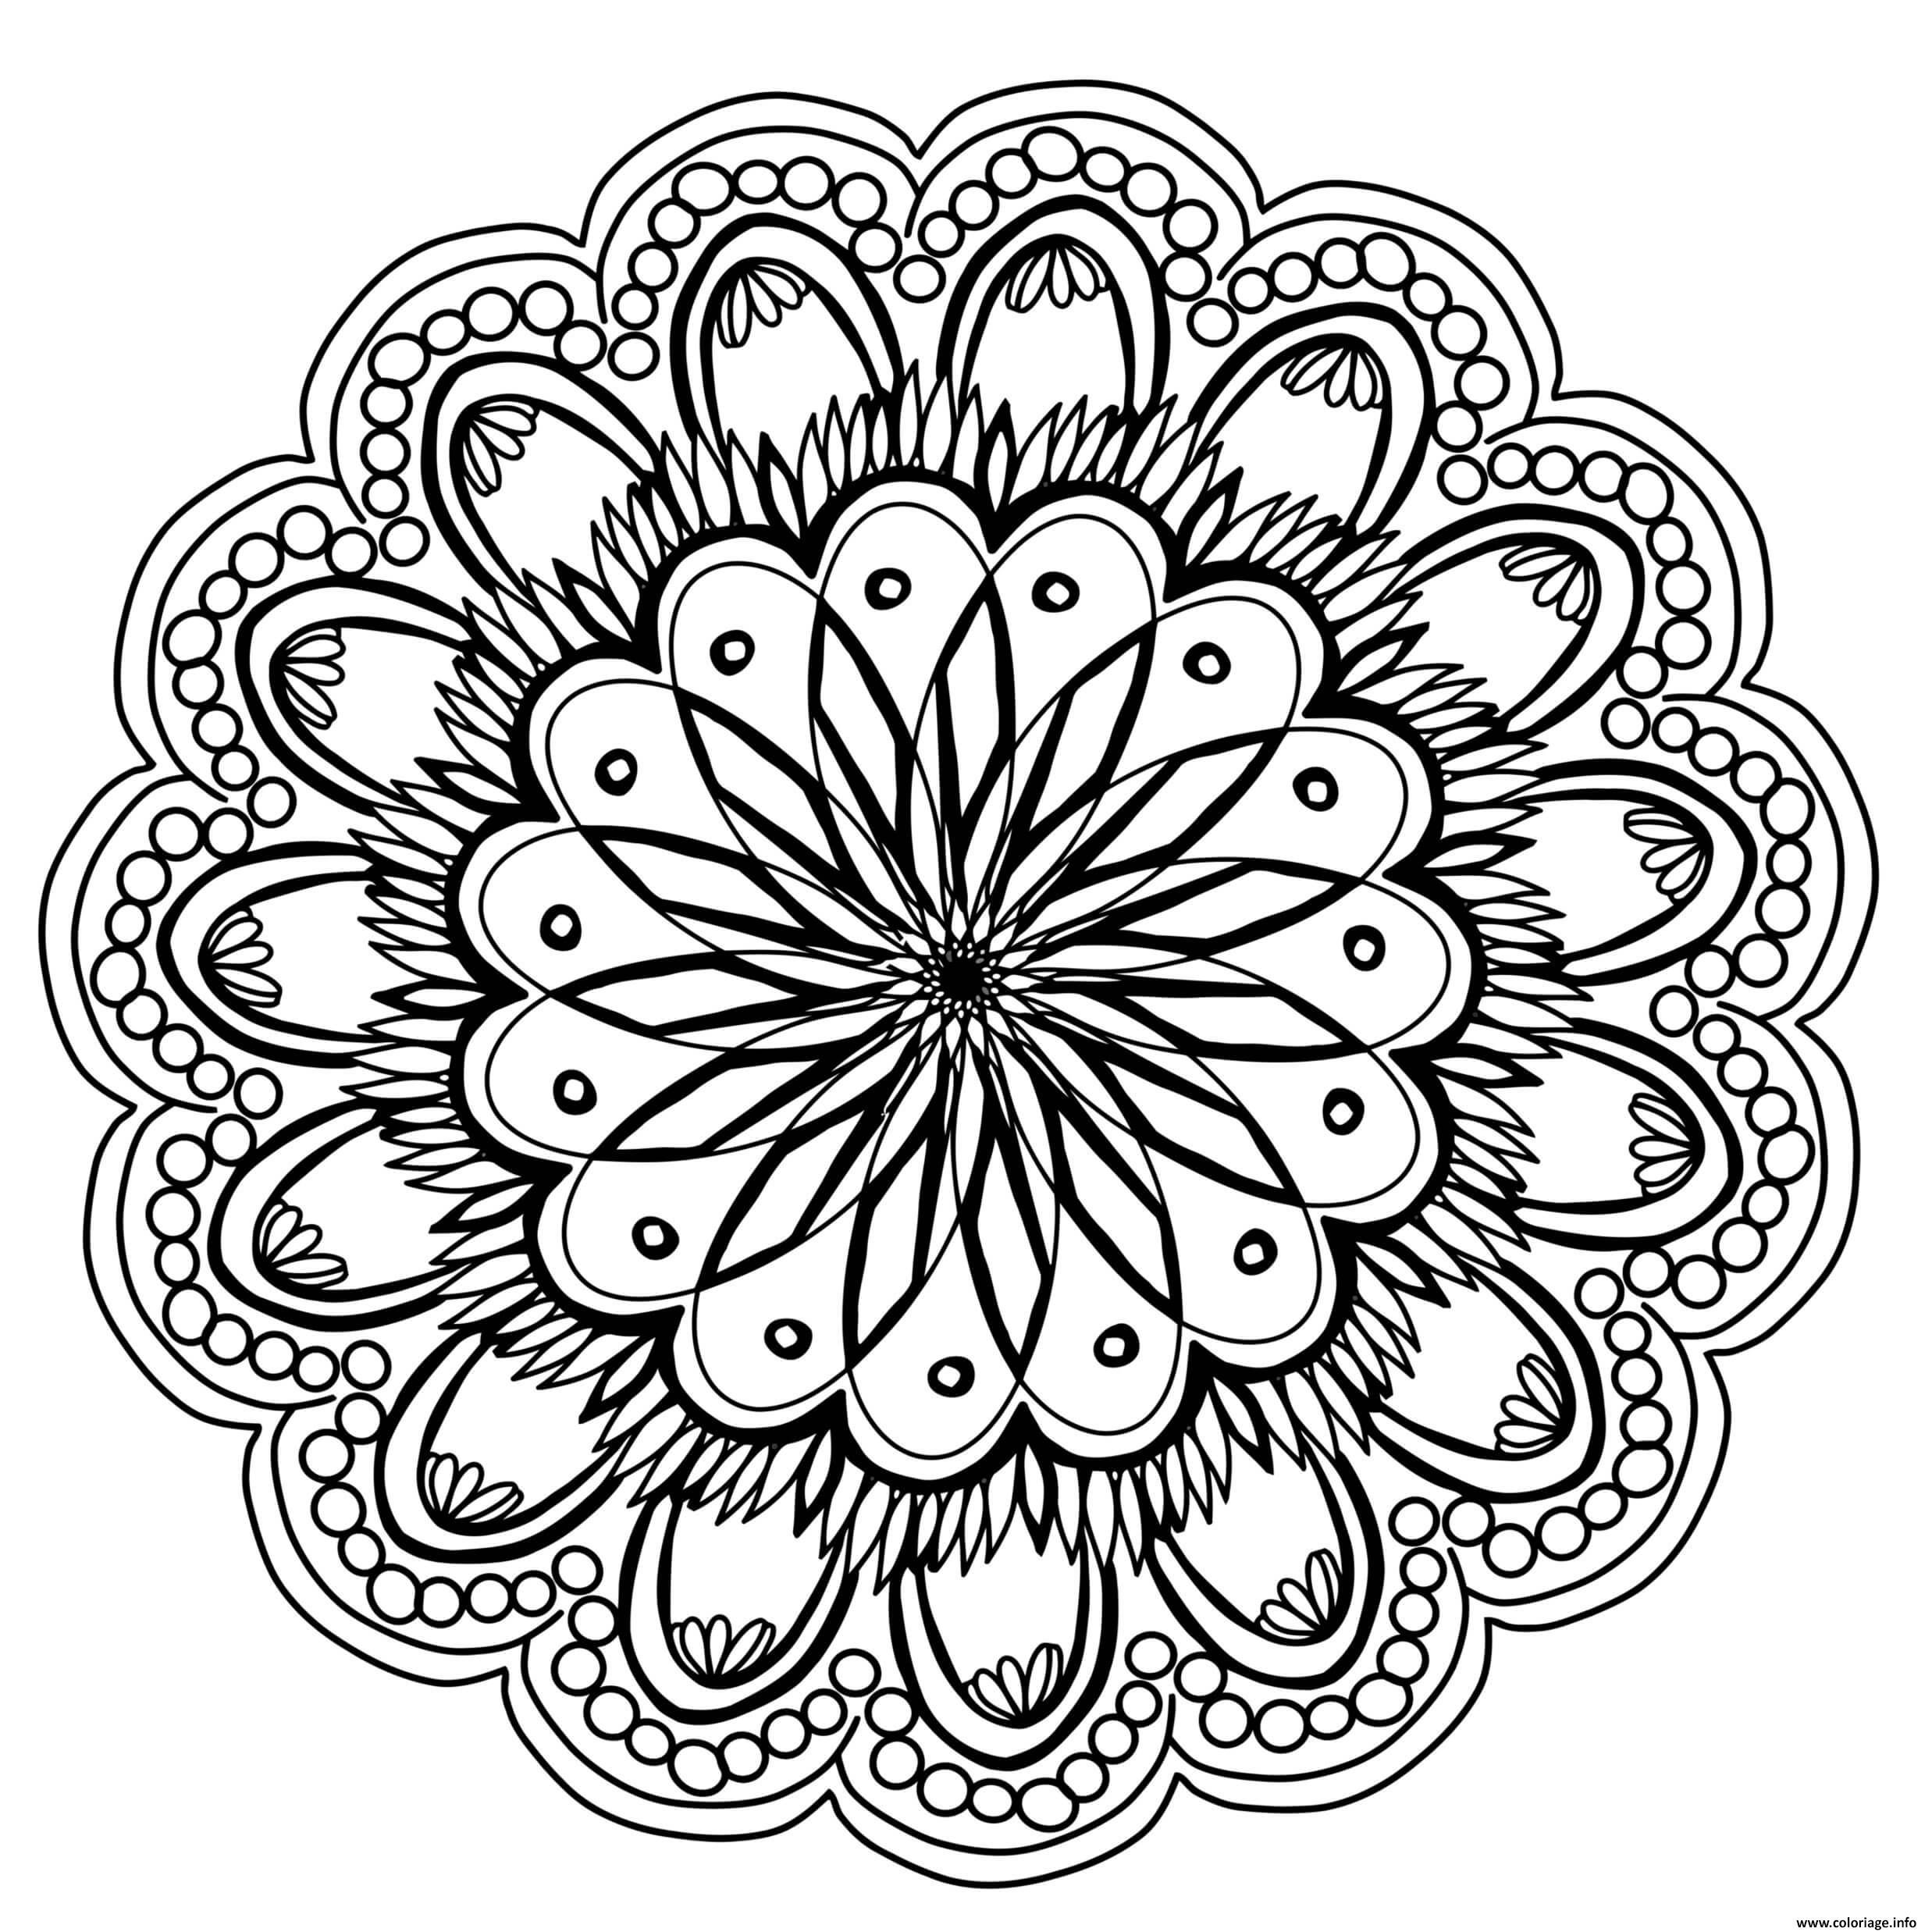 Coloriage flowers mandala fleurs 2018 - Coloriages mandalas fleurs ...